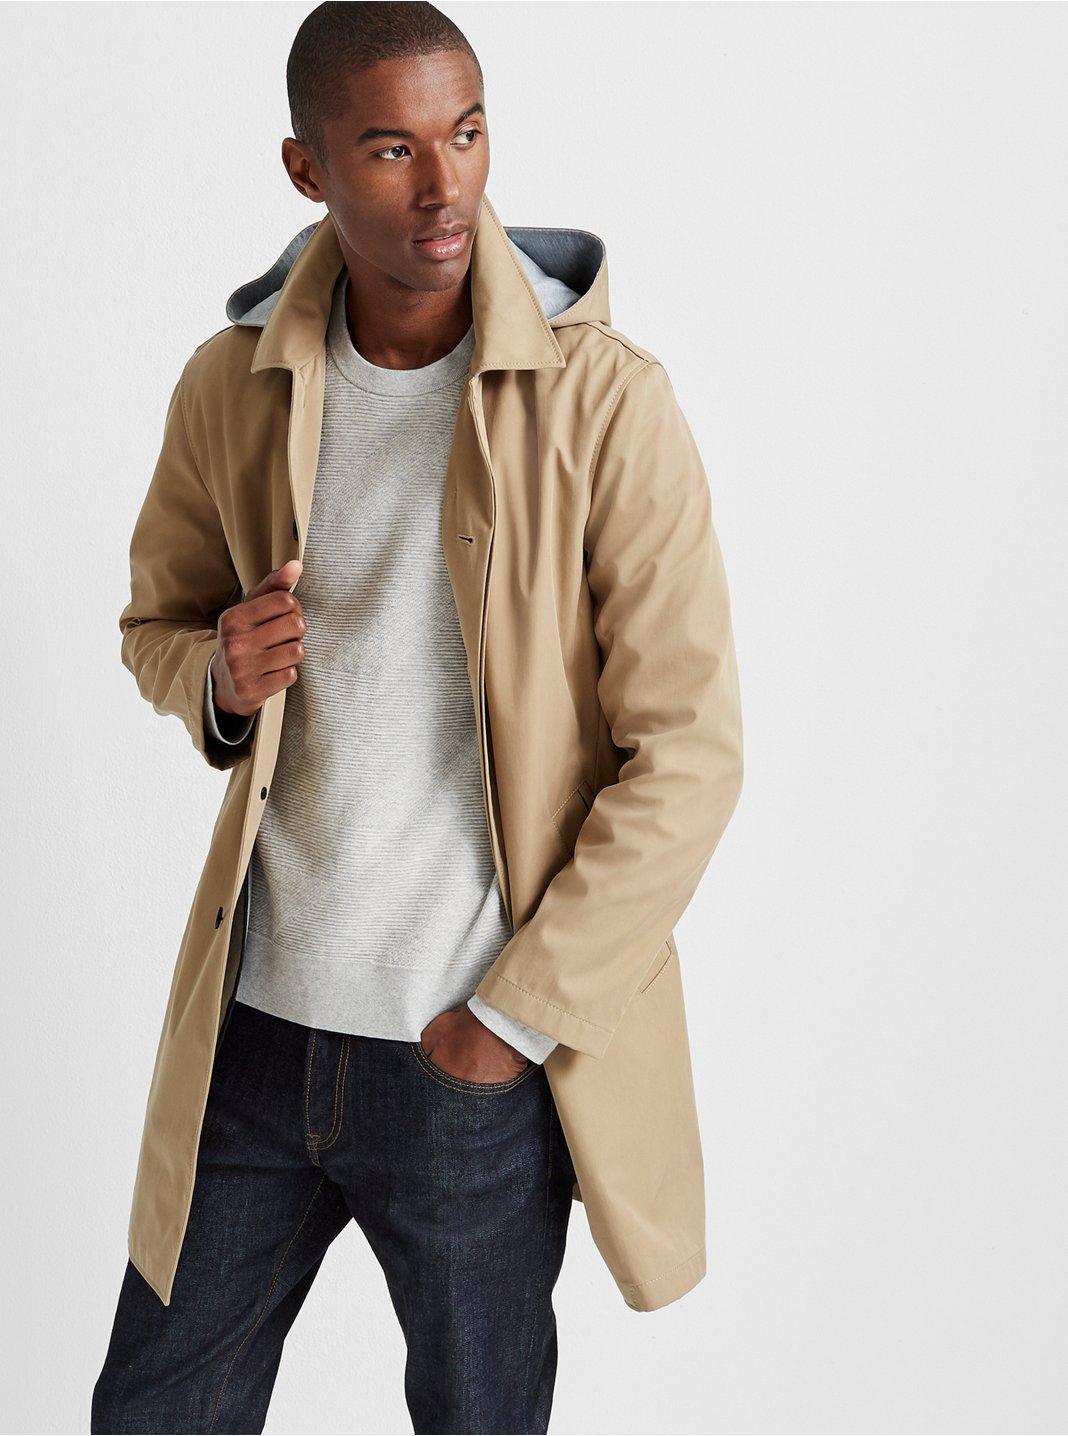 eb145ad78 Men's Coats and Jackets | Club Monaco